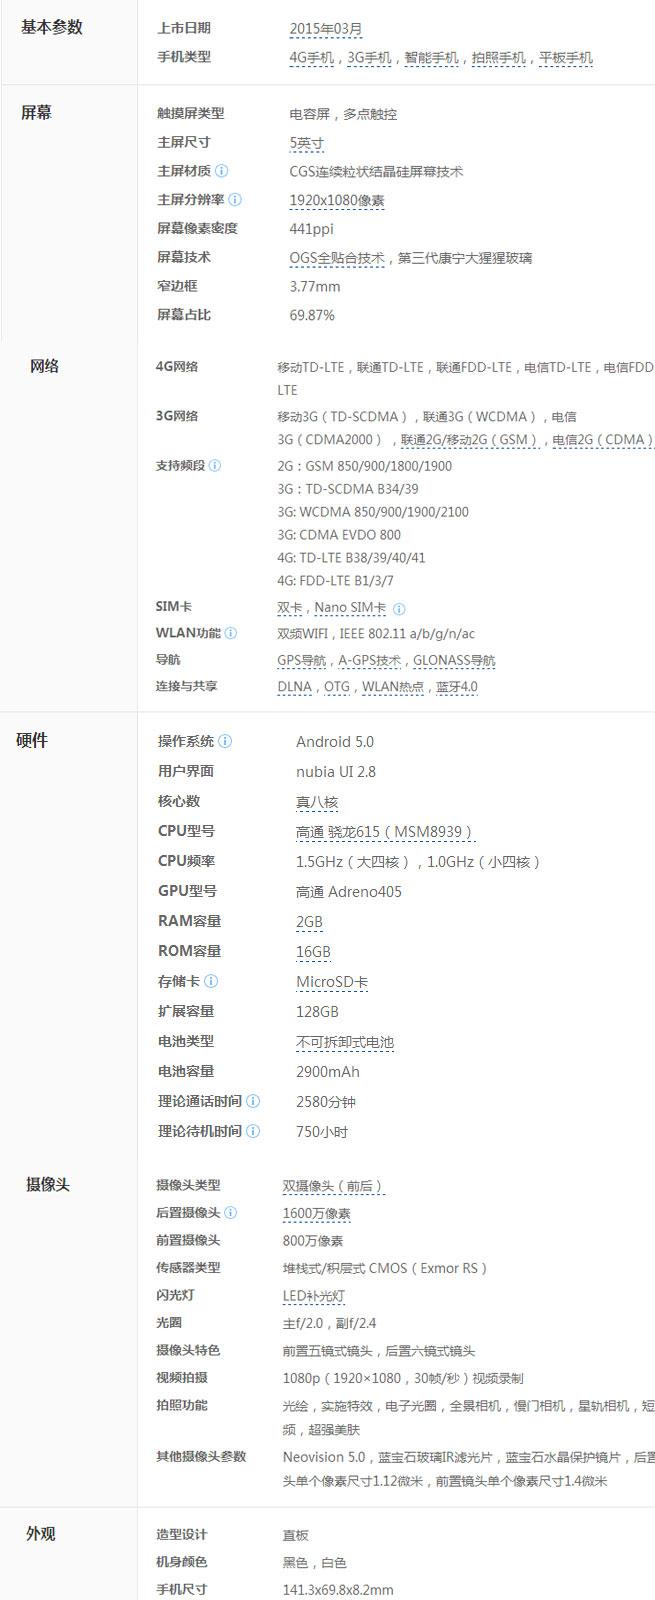 【nubia Z9 mini】价格_努比亚Z9 mini刷机手机参数